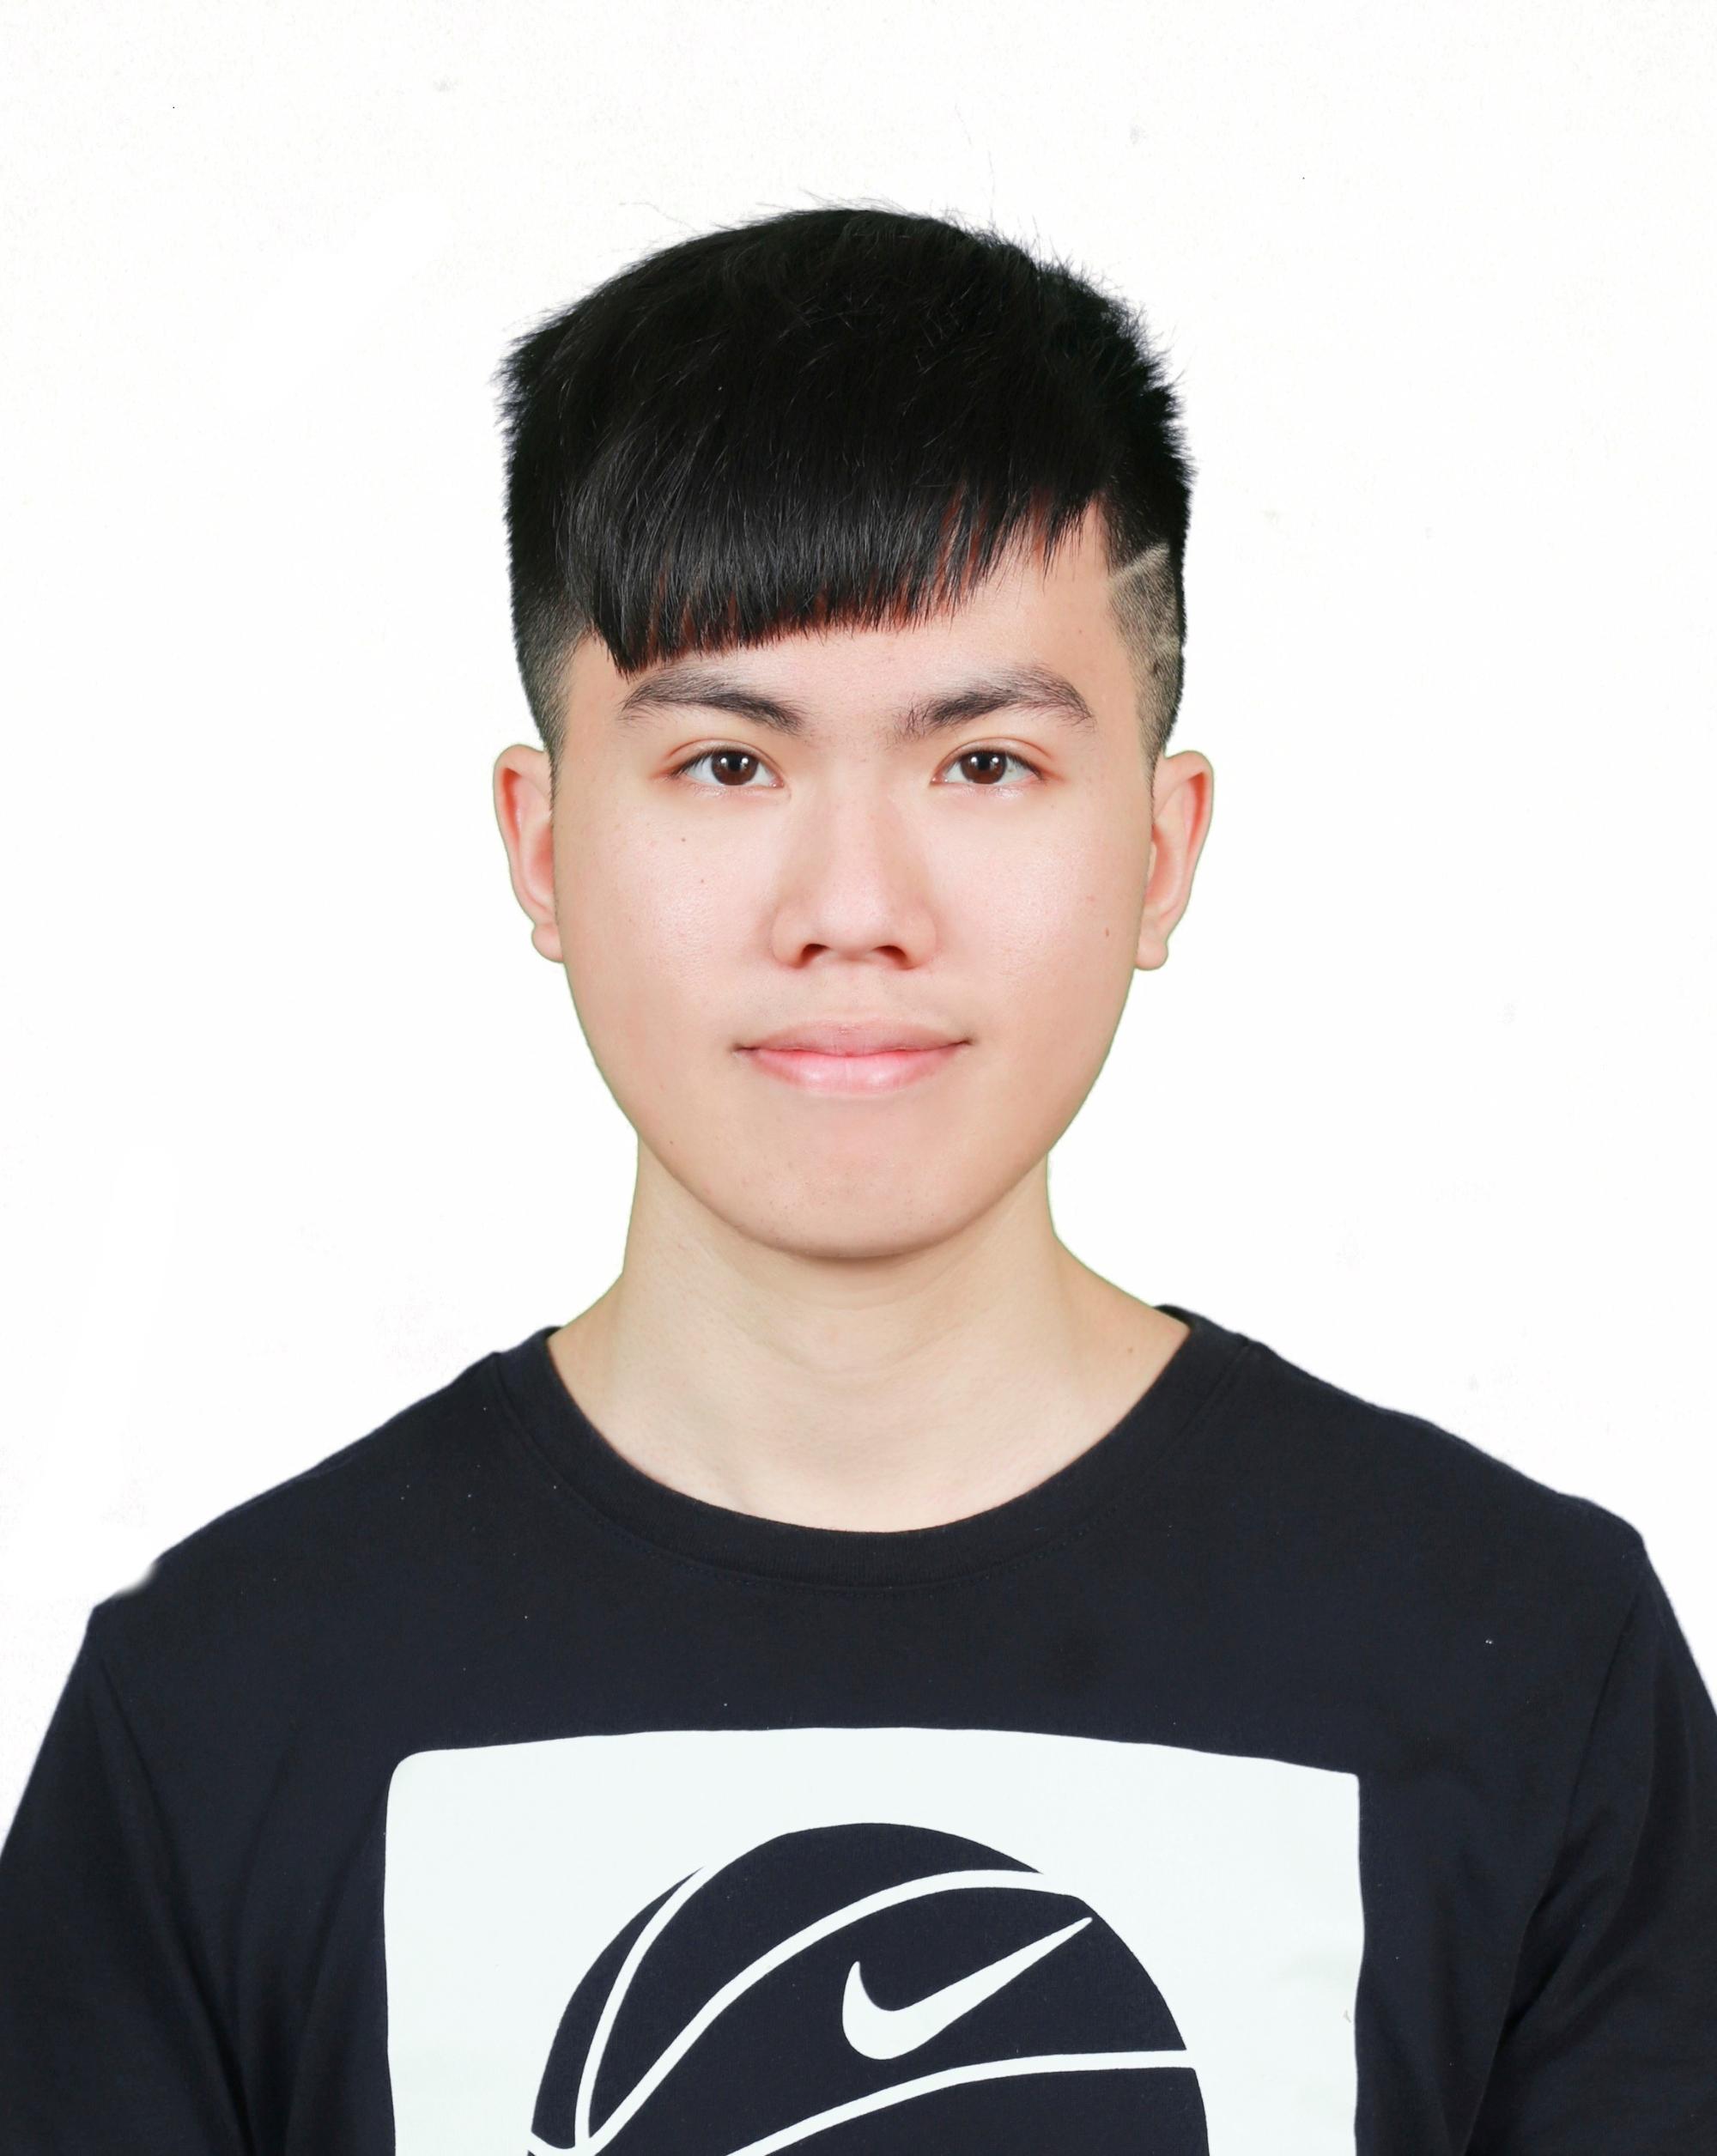 Mr Yu Hao Chiang